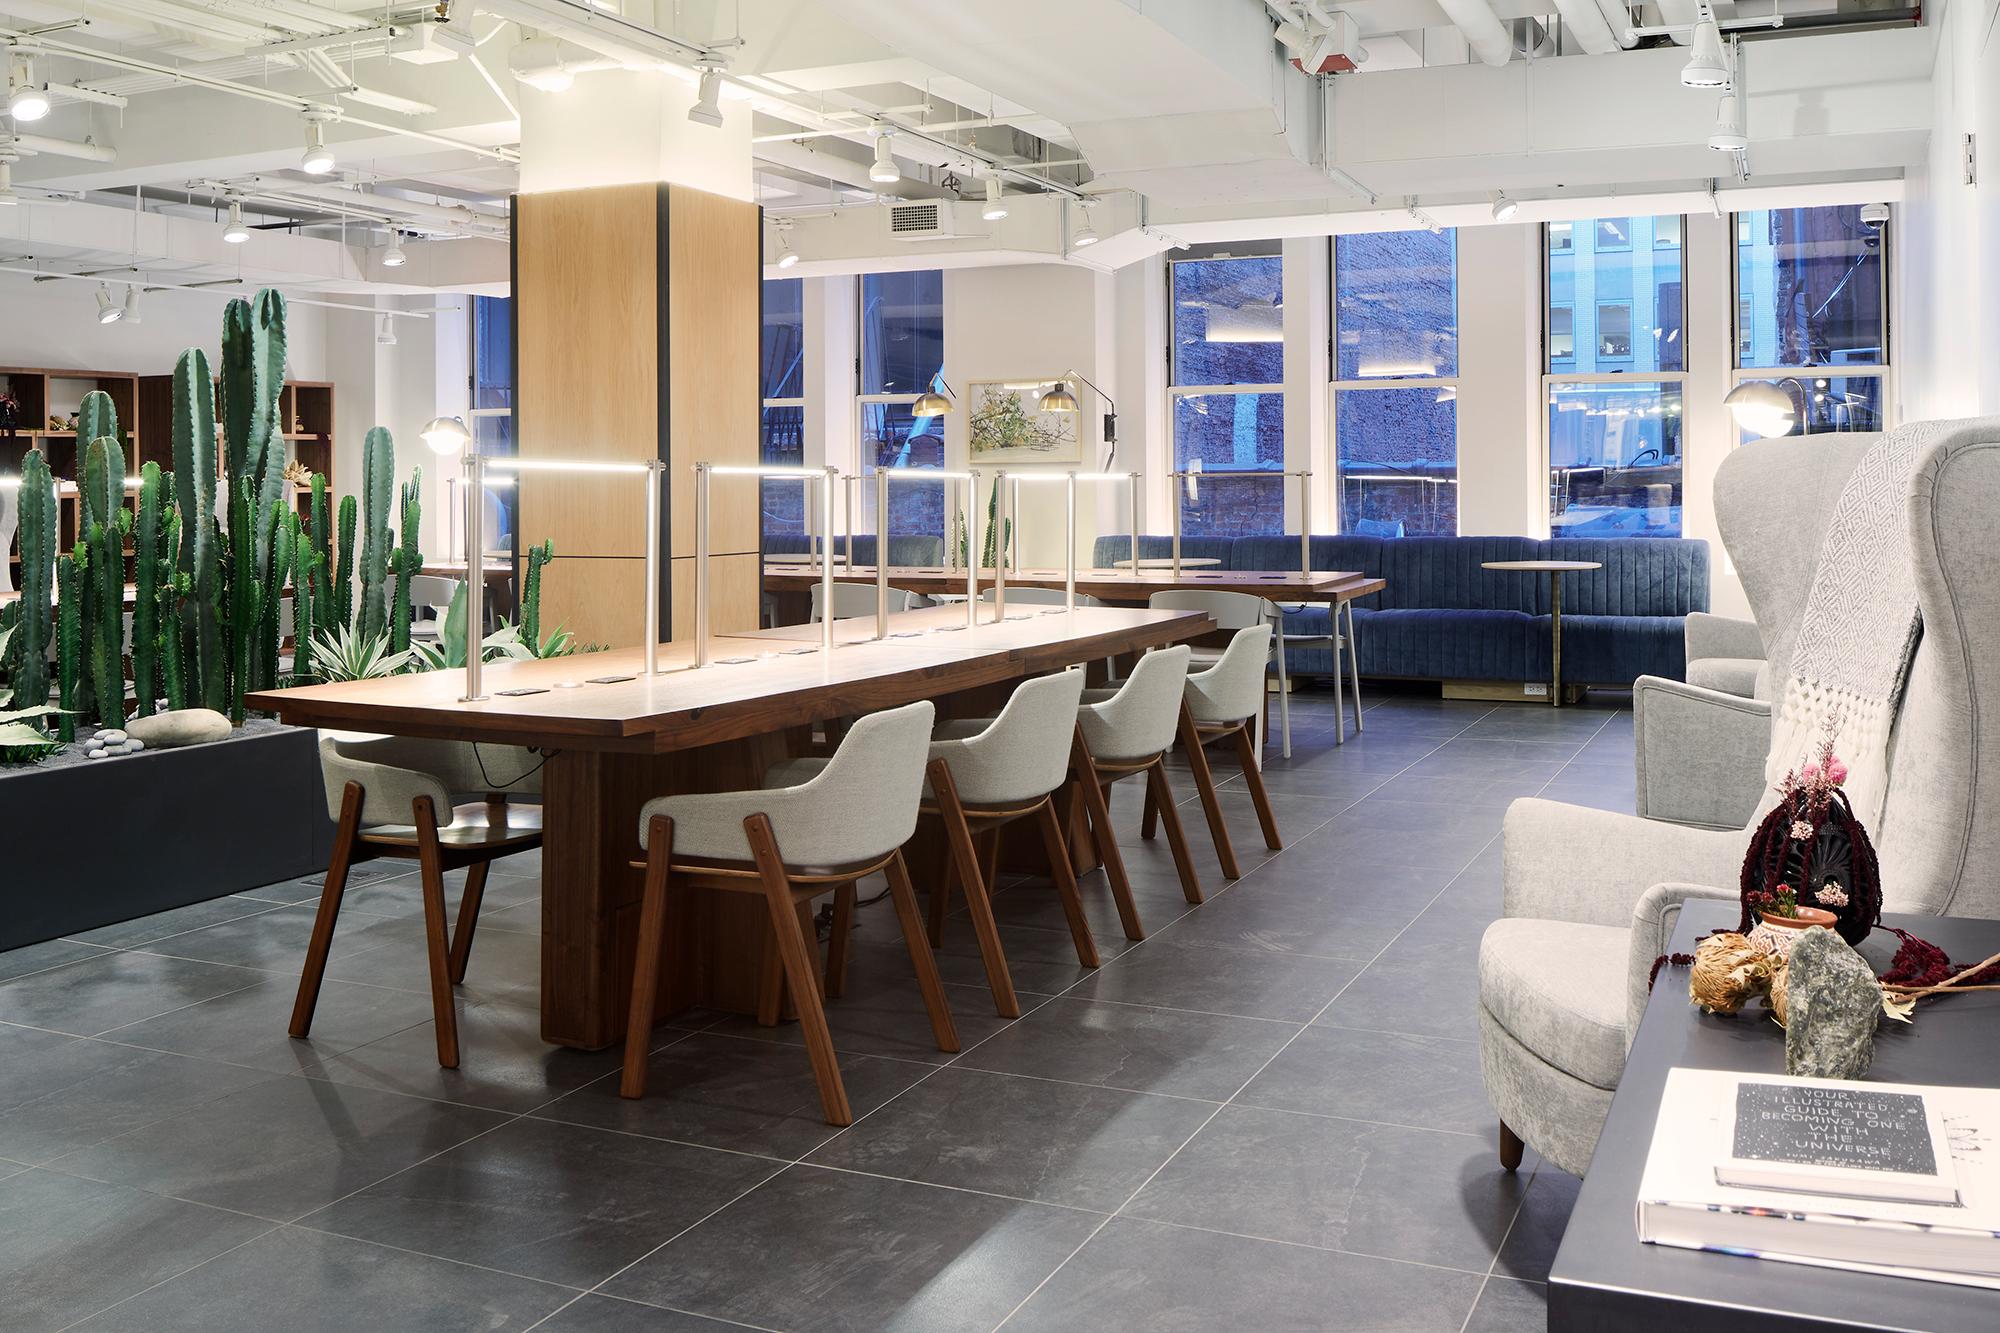 77 Open Desk area.jpg